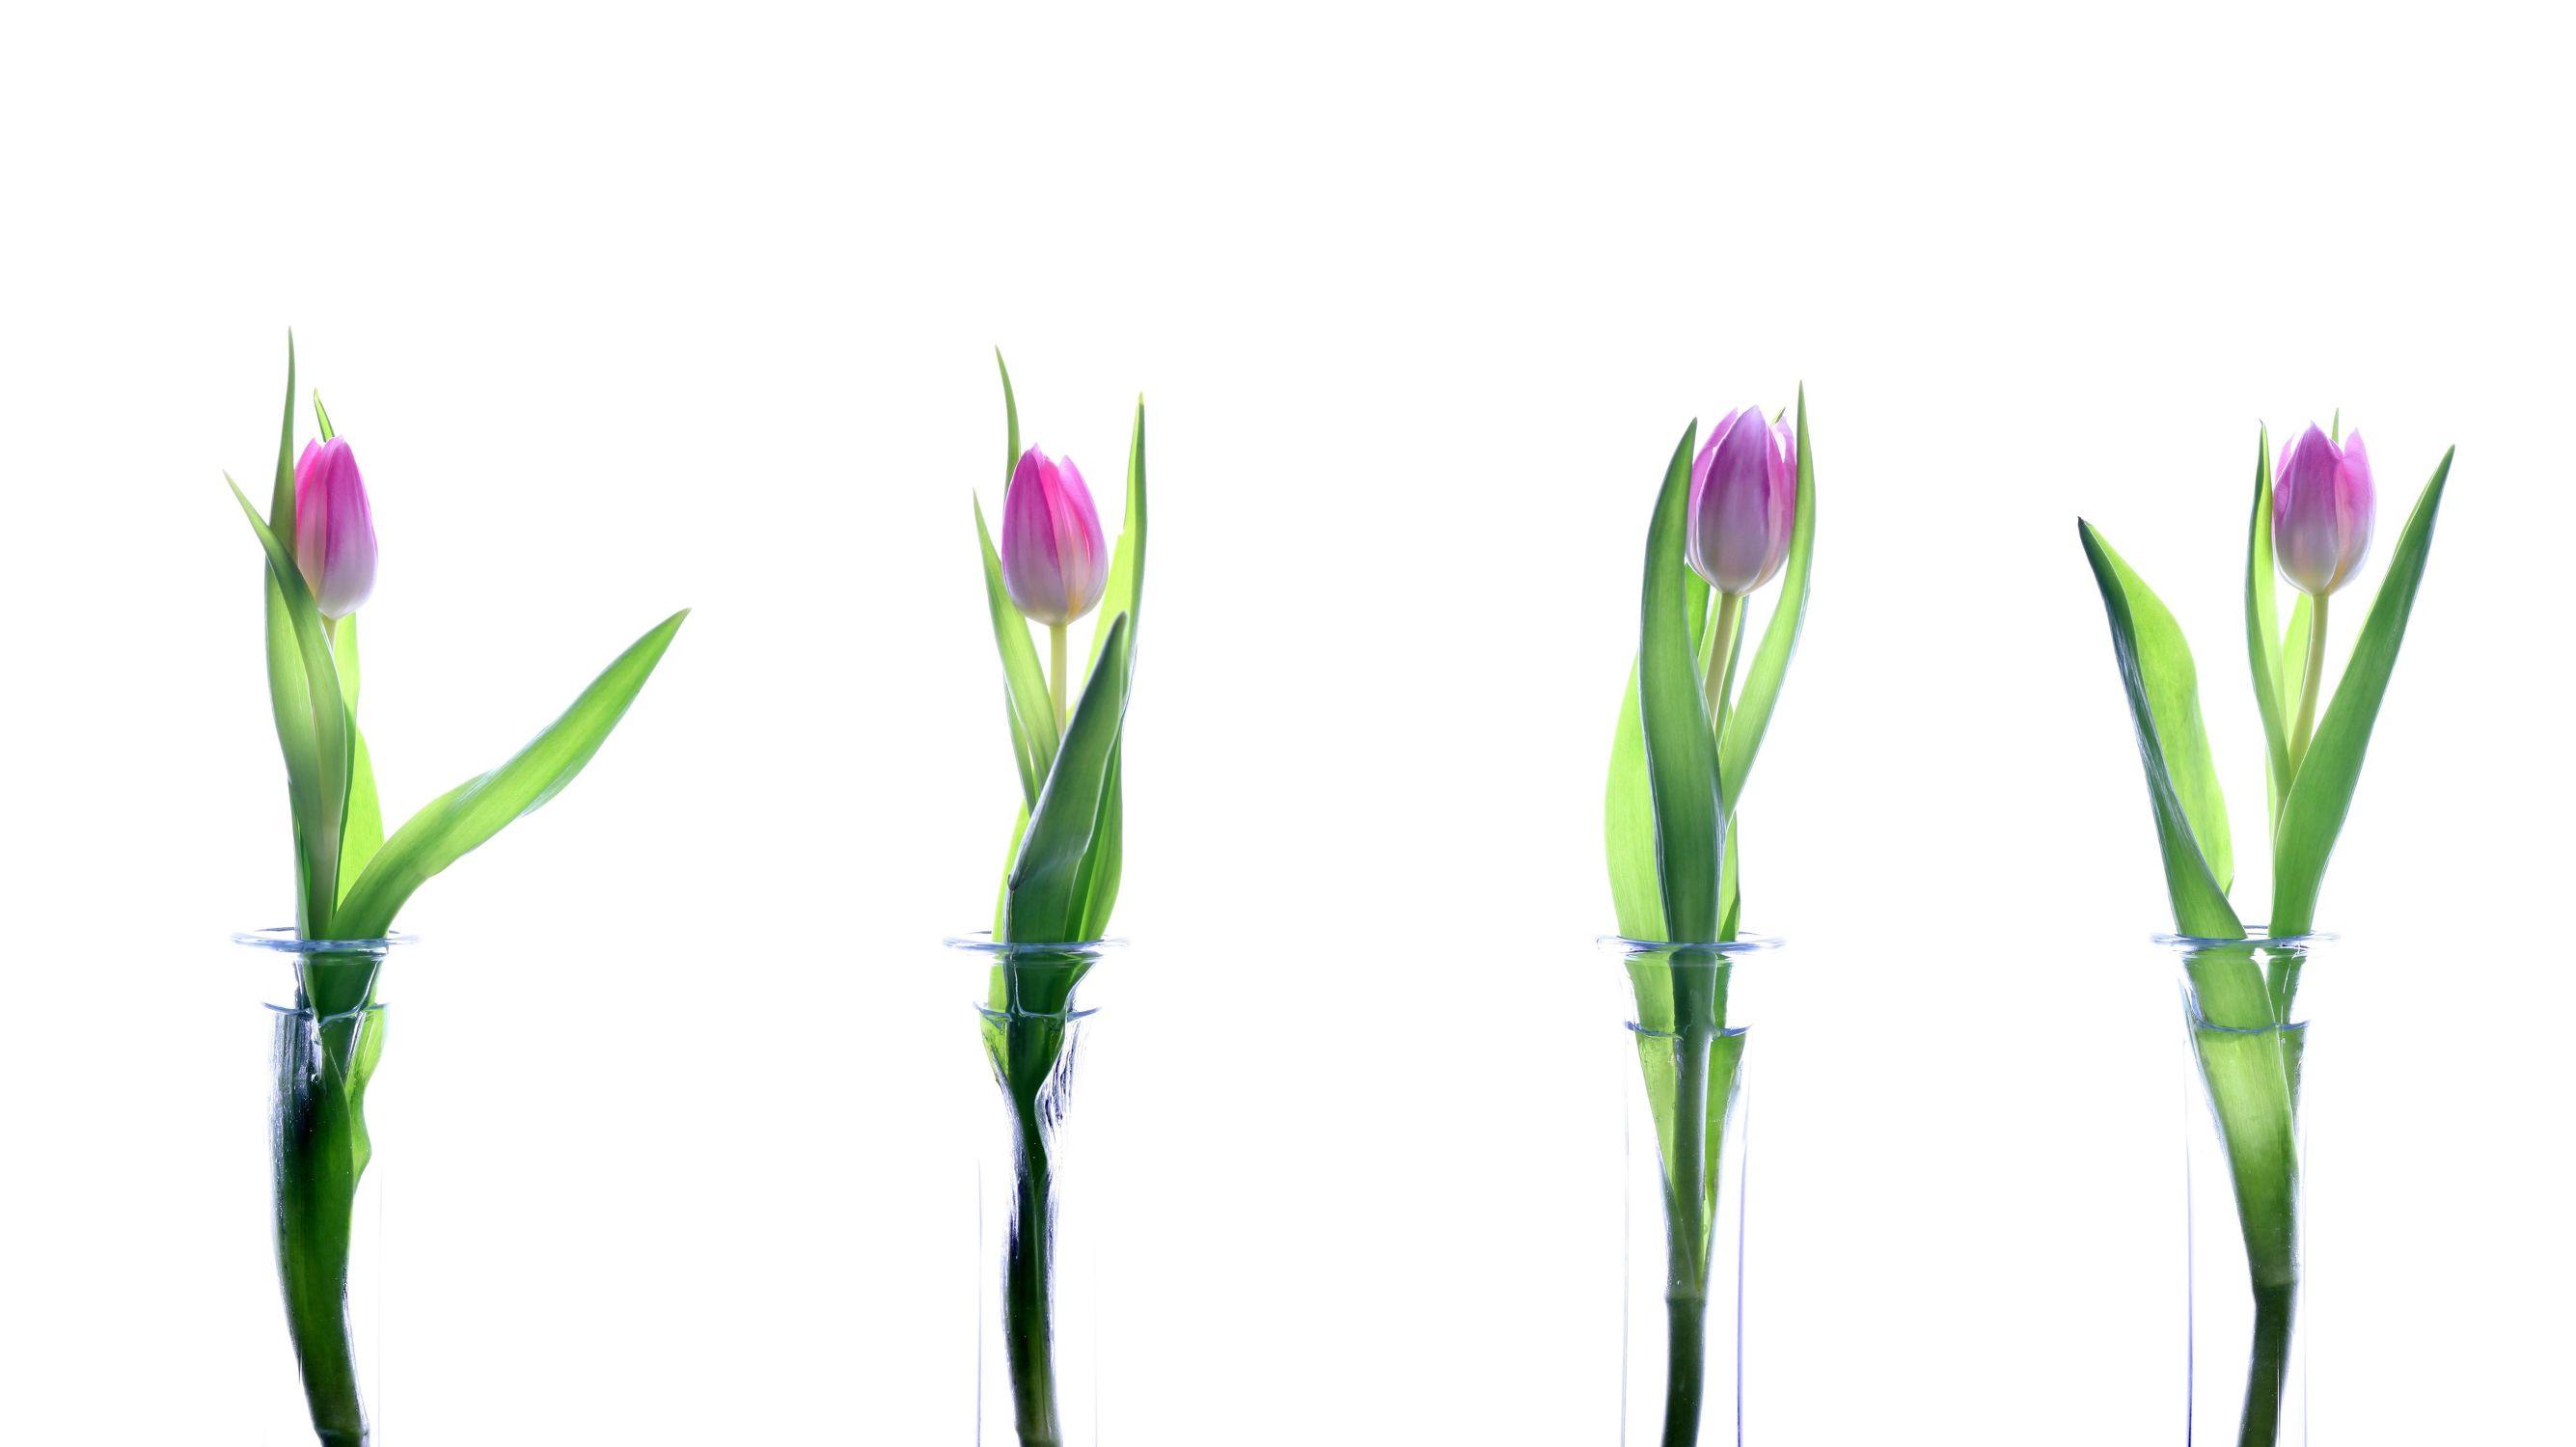 Bild mit Blumen, Blume, Tulpe, Tulpen, weißer Hintergrund